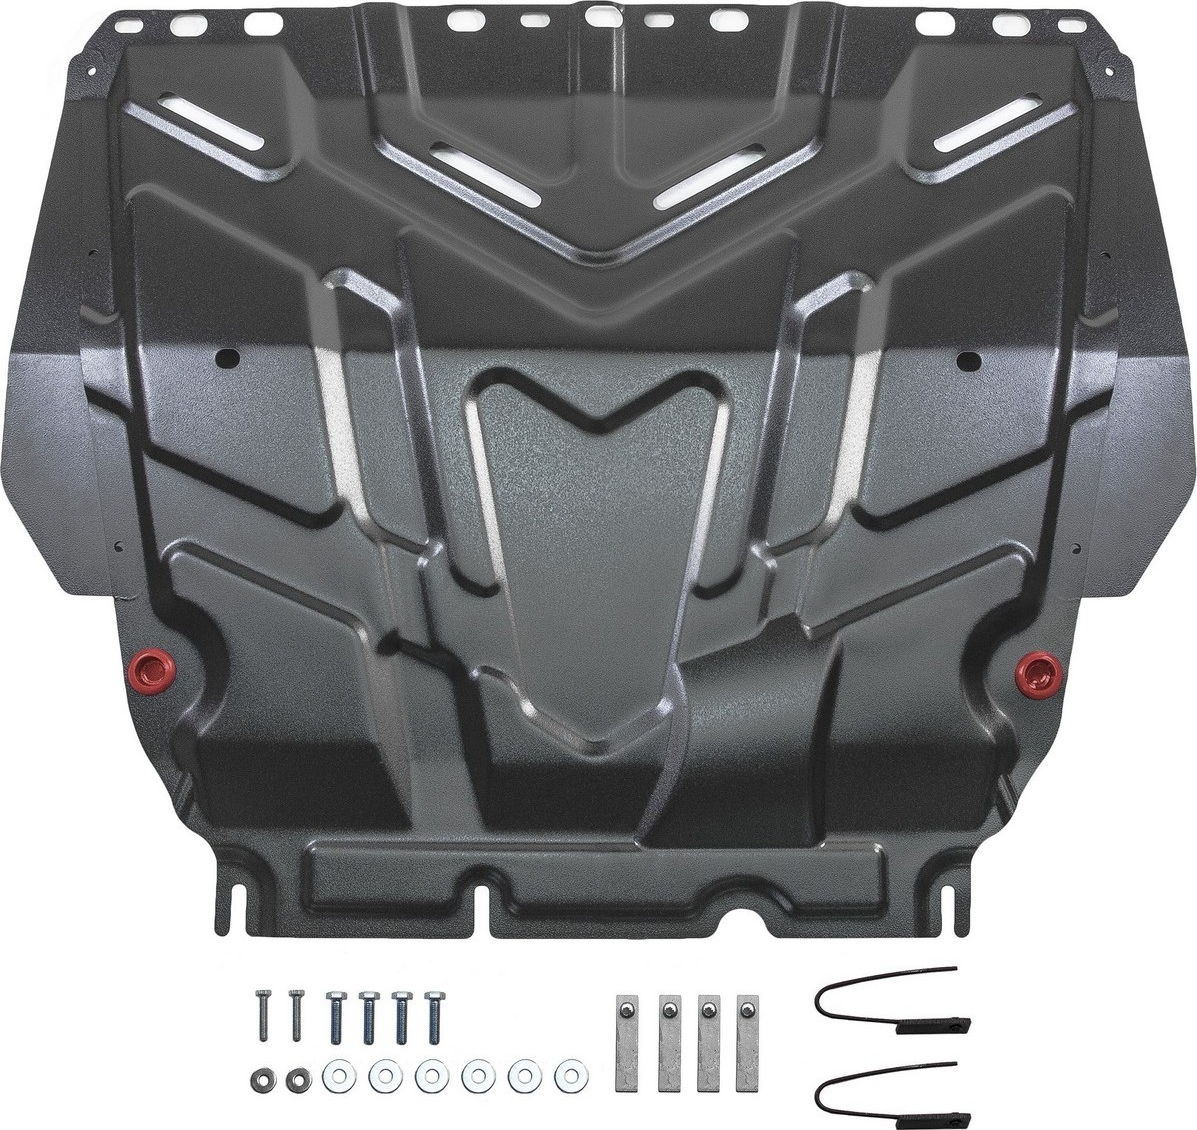 Защита картера и КПП Автоброня для Ford C-Max 2003-2010/Focus 2005-2011 2011-2015 2015-н.в./Grand C-Max 2010-2015/Kuga 2008-2013, сталь 2 мм, с крепежом. 111.01850.1 surkov v texts 1997 2010